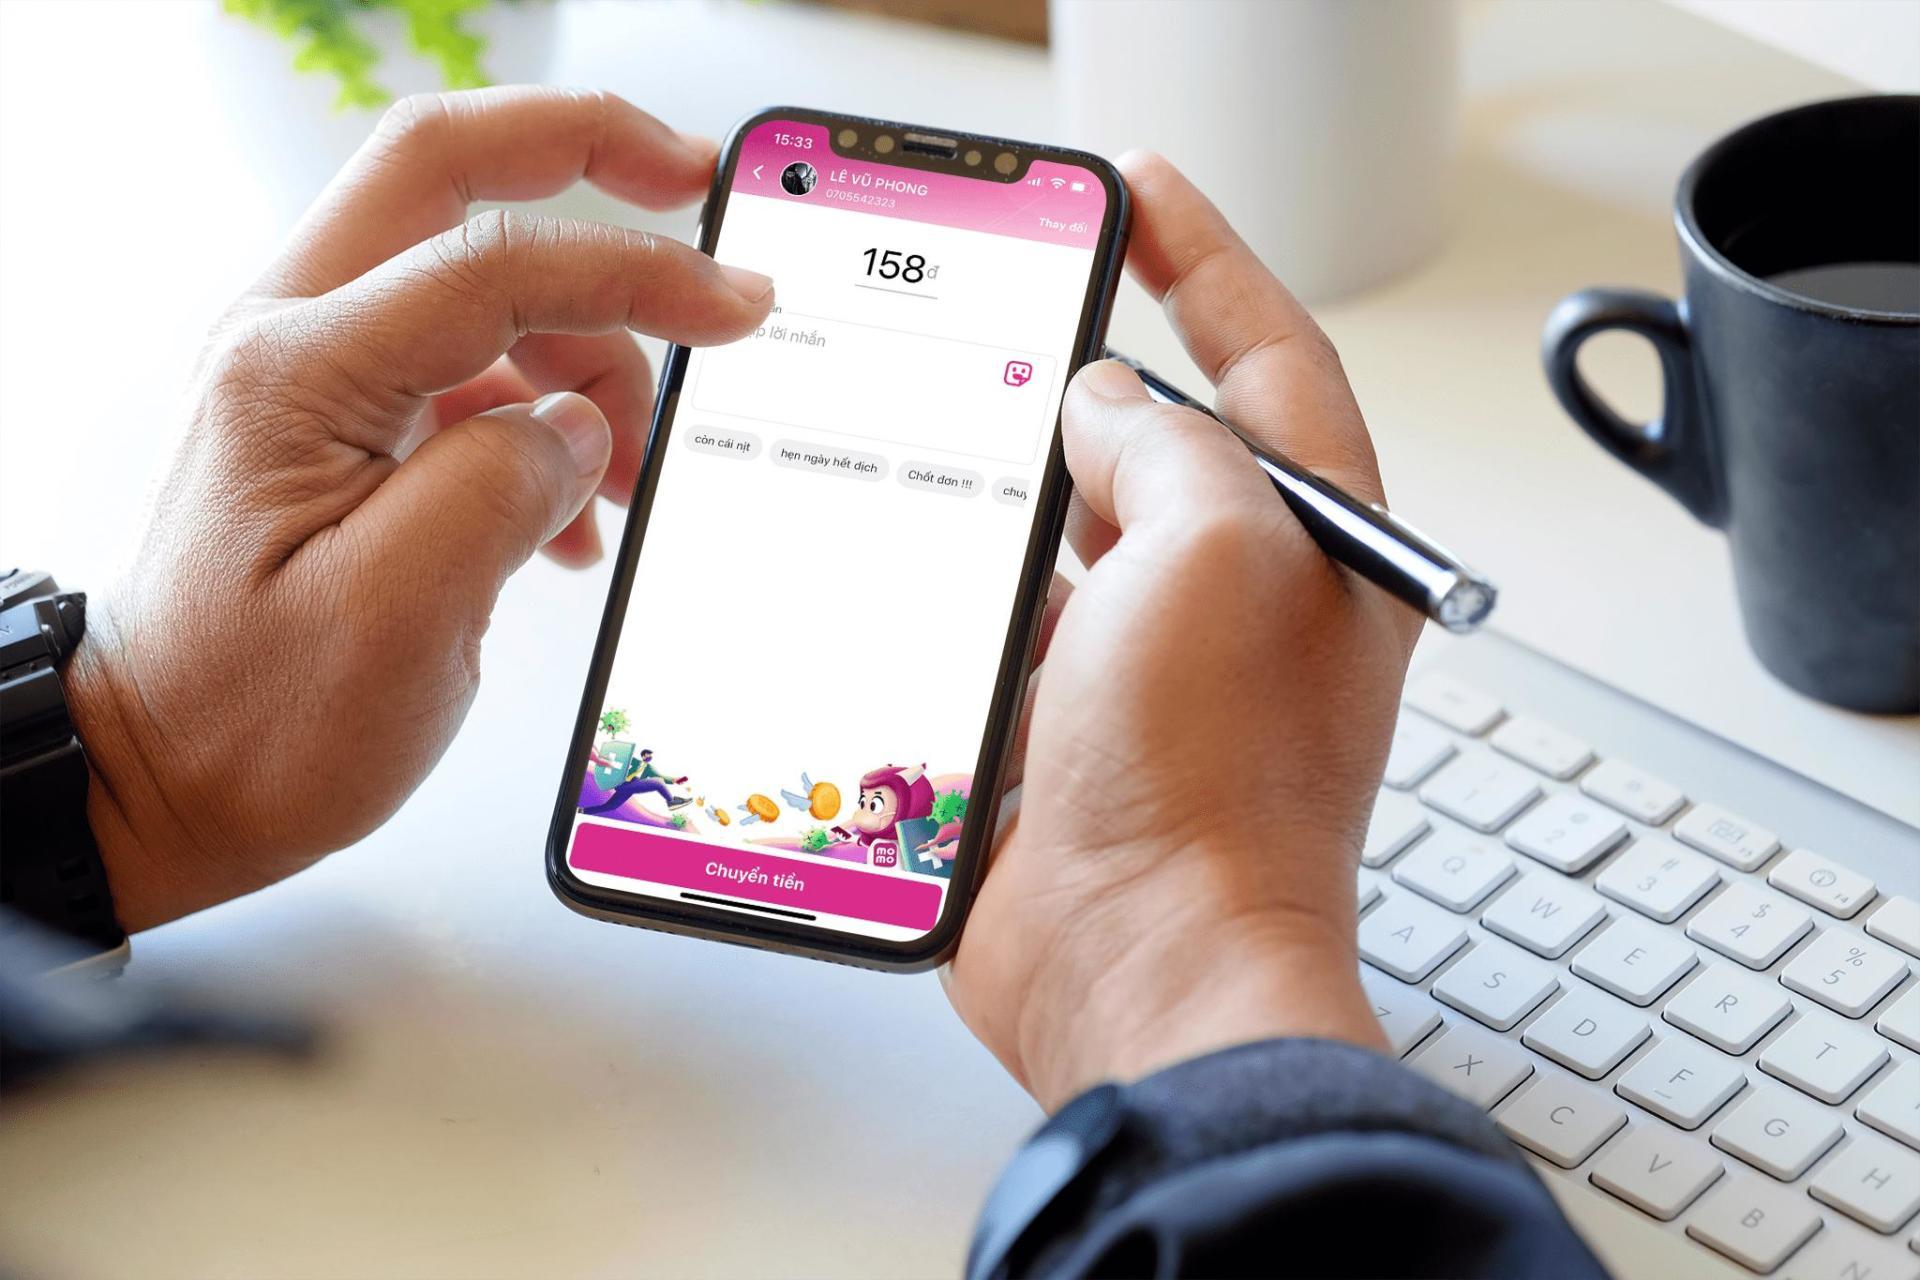 Trung thu chuyển 158đ qua MoMo, đón Sao nhận quà khủng iPhone 12